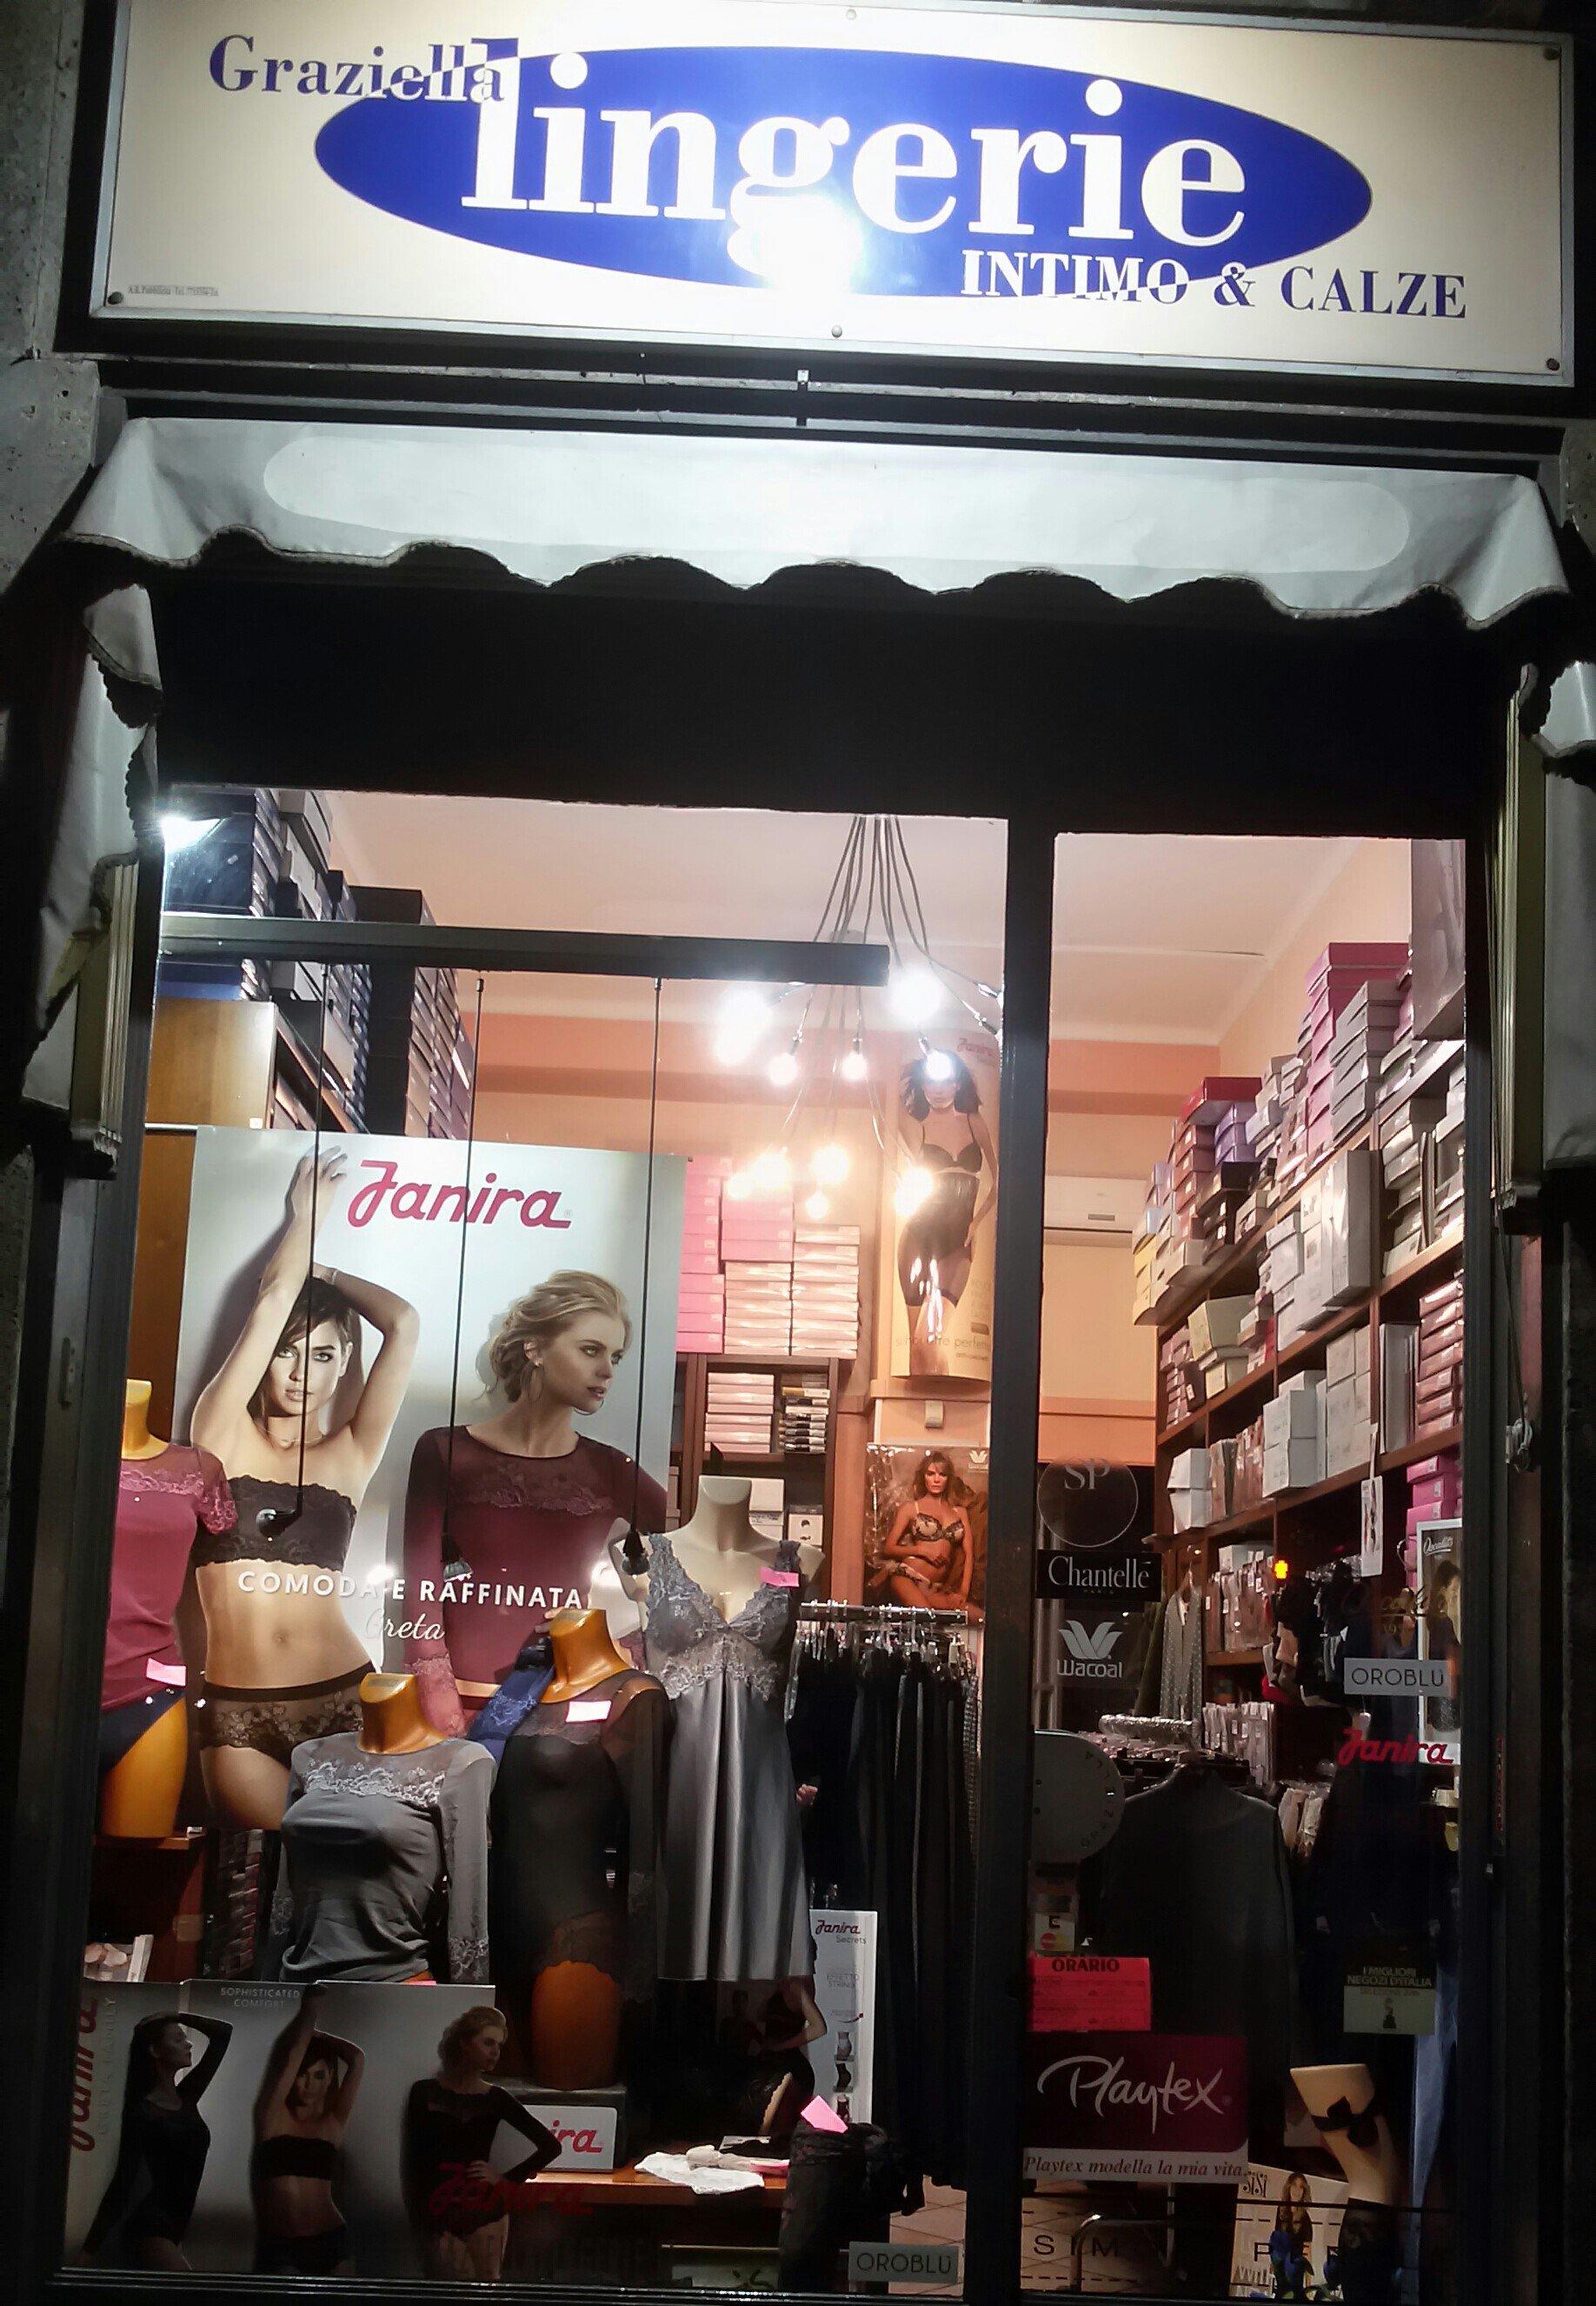 negozio intimo Graziella Lingerie